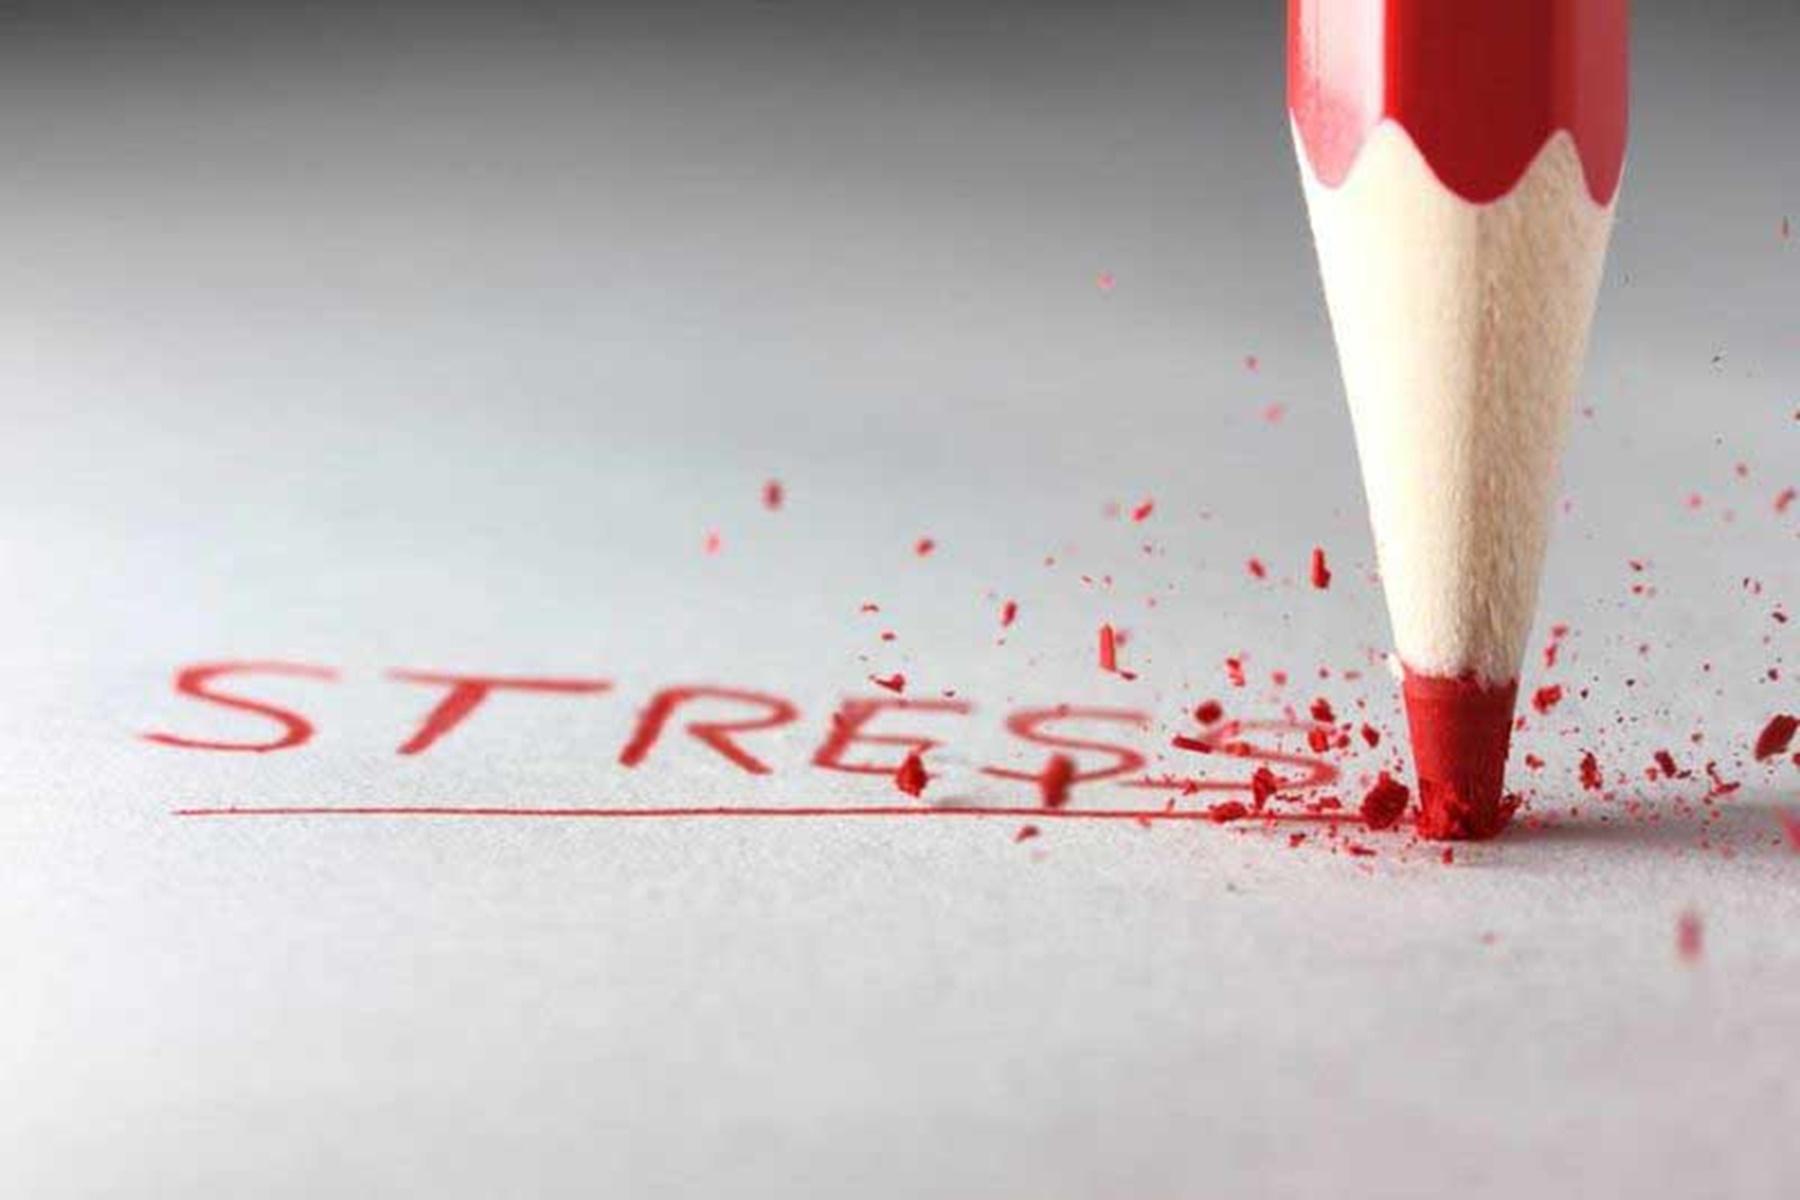 Αυτοφροντίδα : Μάθε να διαχειρίζεσαι το άγχος σου